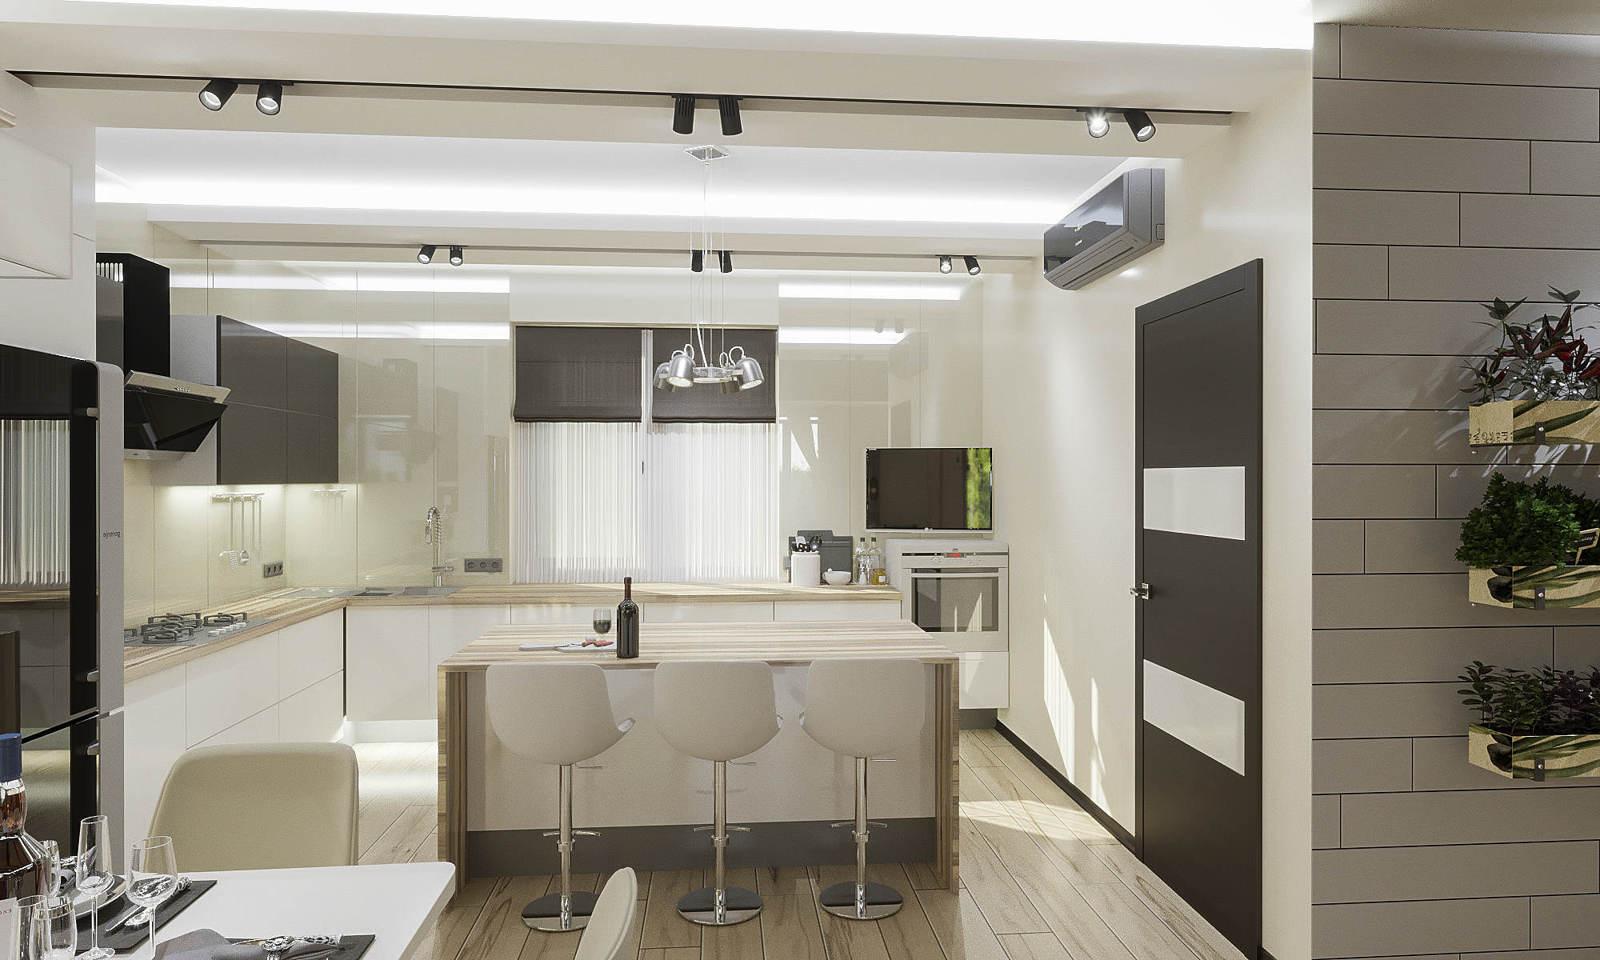 Дизайн кухни в квартире Киев контратные цвета современный стиль